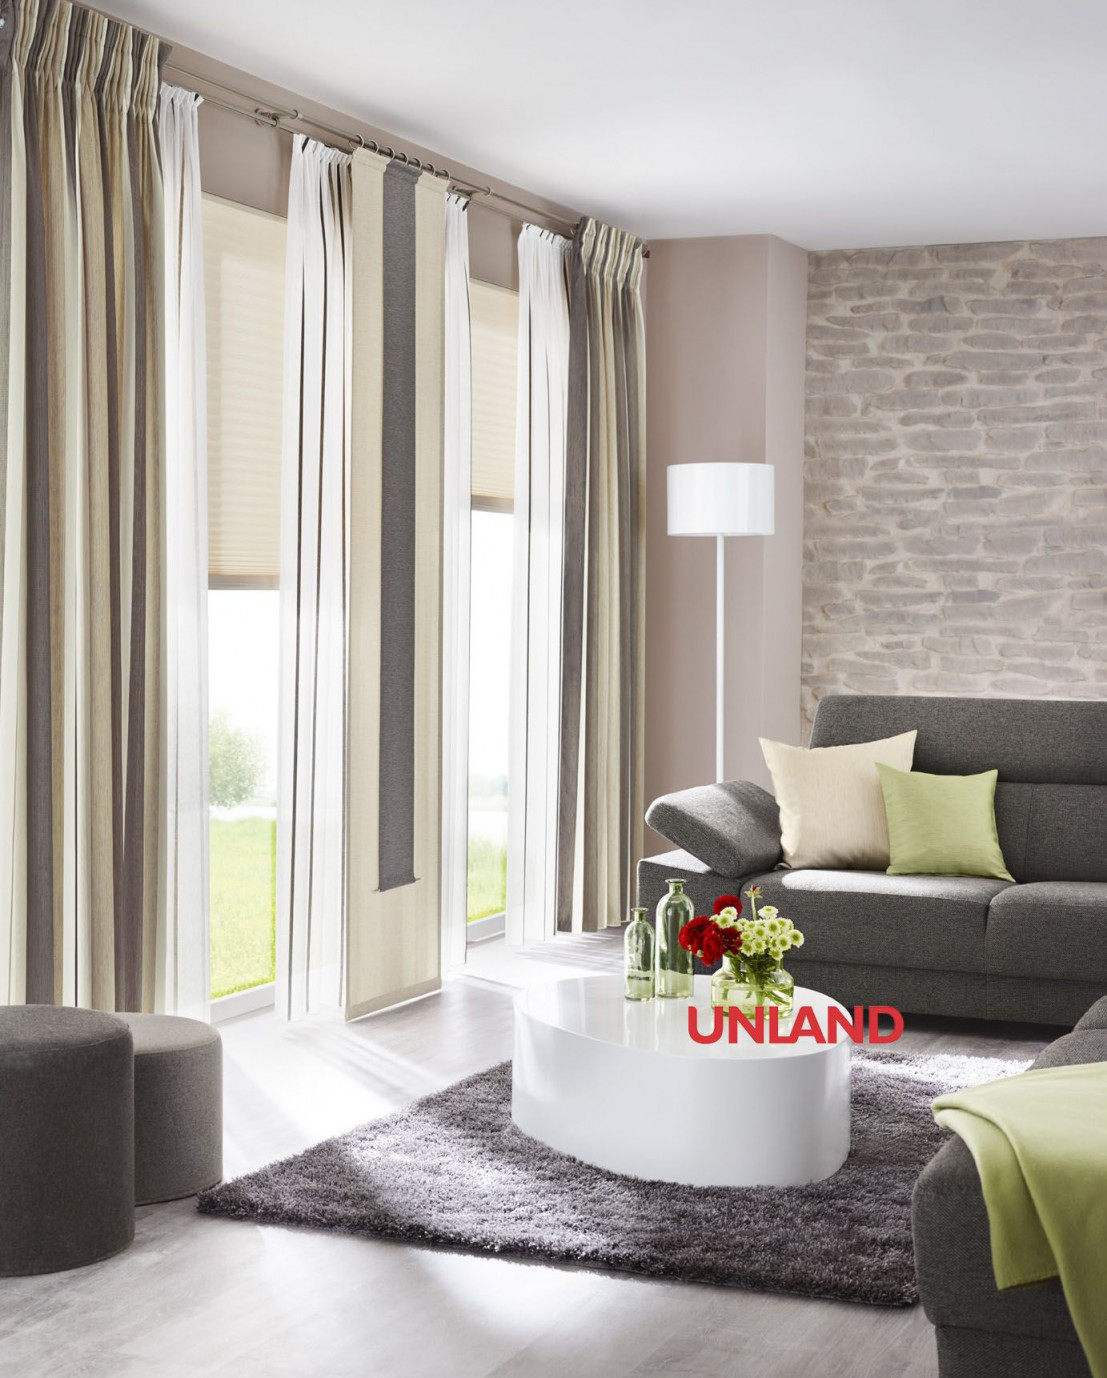 Unland Livingreet Fensterideen Gardinen Und Sonnenschutz von Moderne Wohnzimmer Gardinen Photo